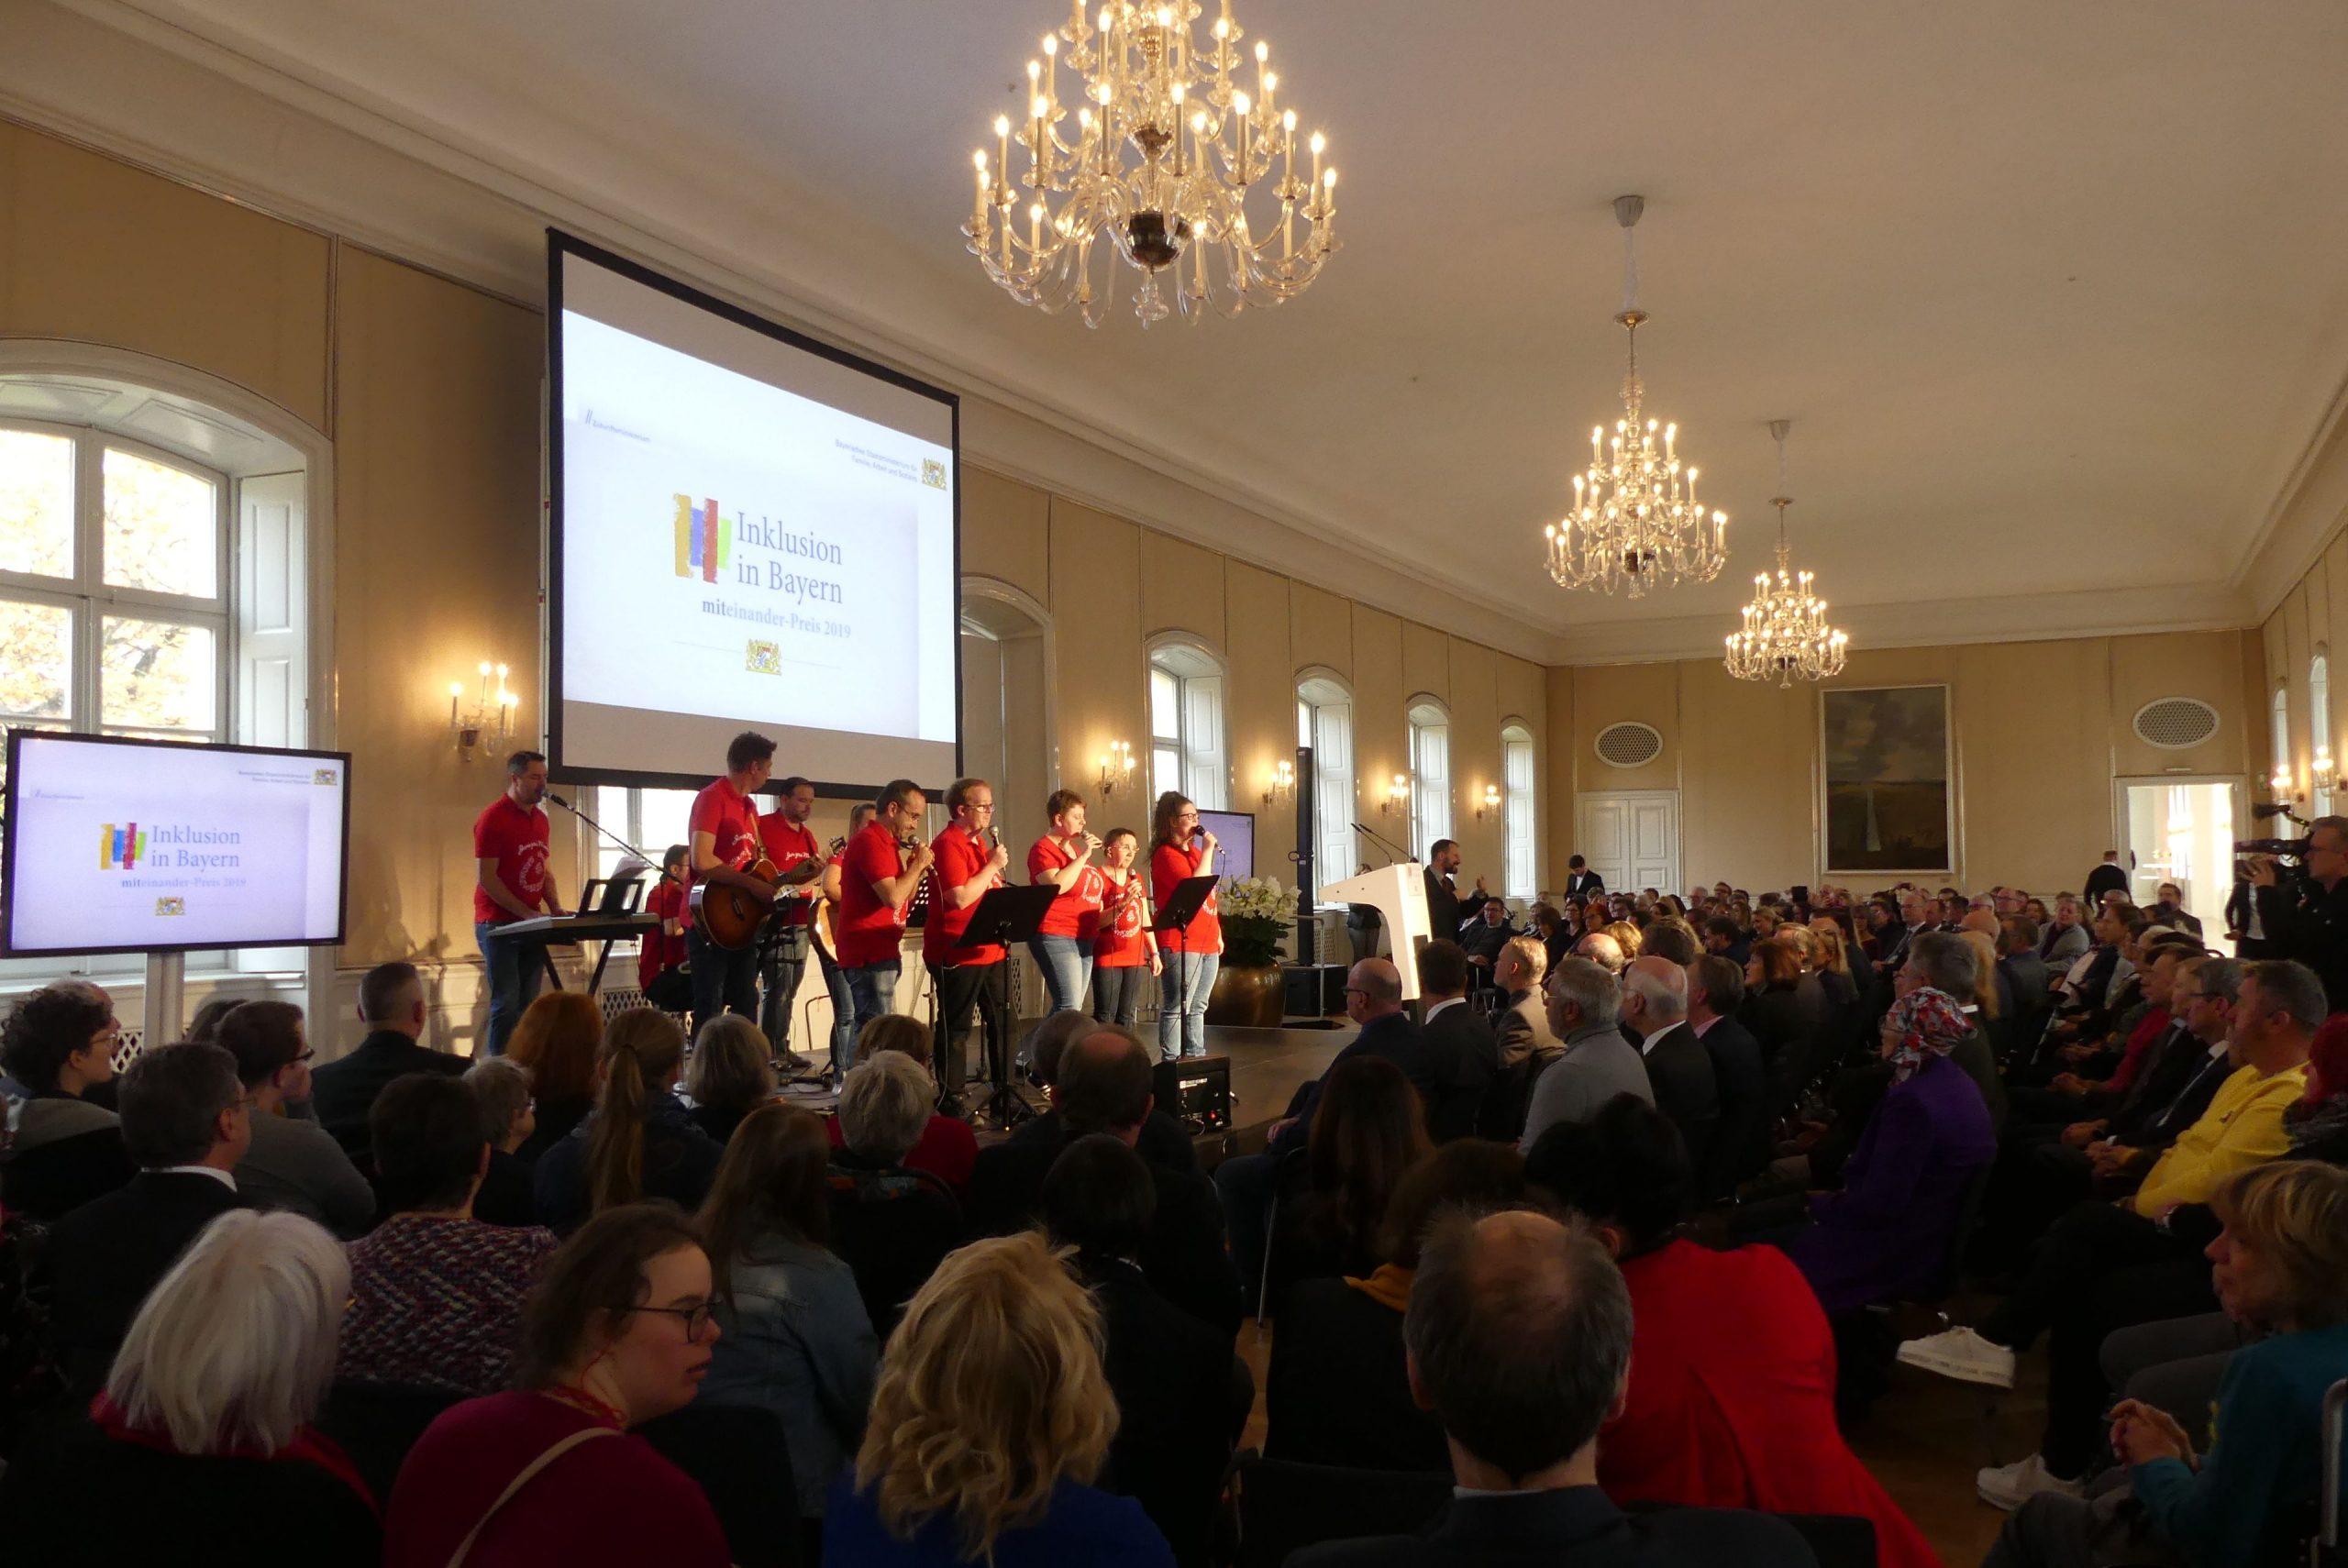 Im vollen Festsaal stehen die Mitglieder von Jura goes Music auf der Bühne bei ihrem Auftritt. Der Saal wird von festlichen Kronleuchtern erhellt.